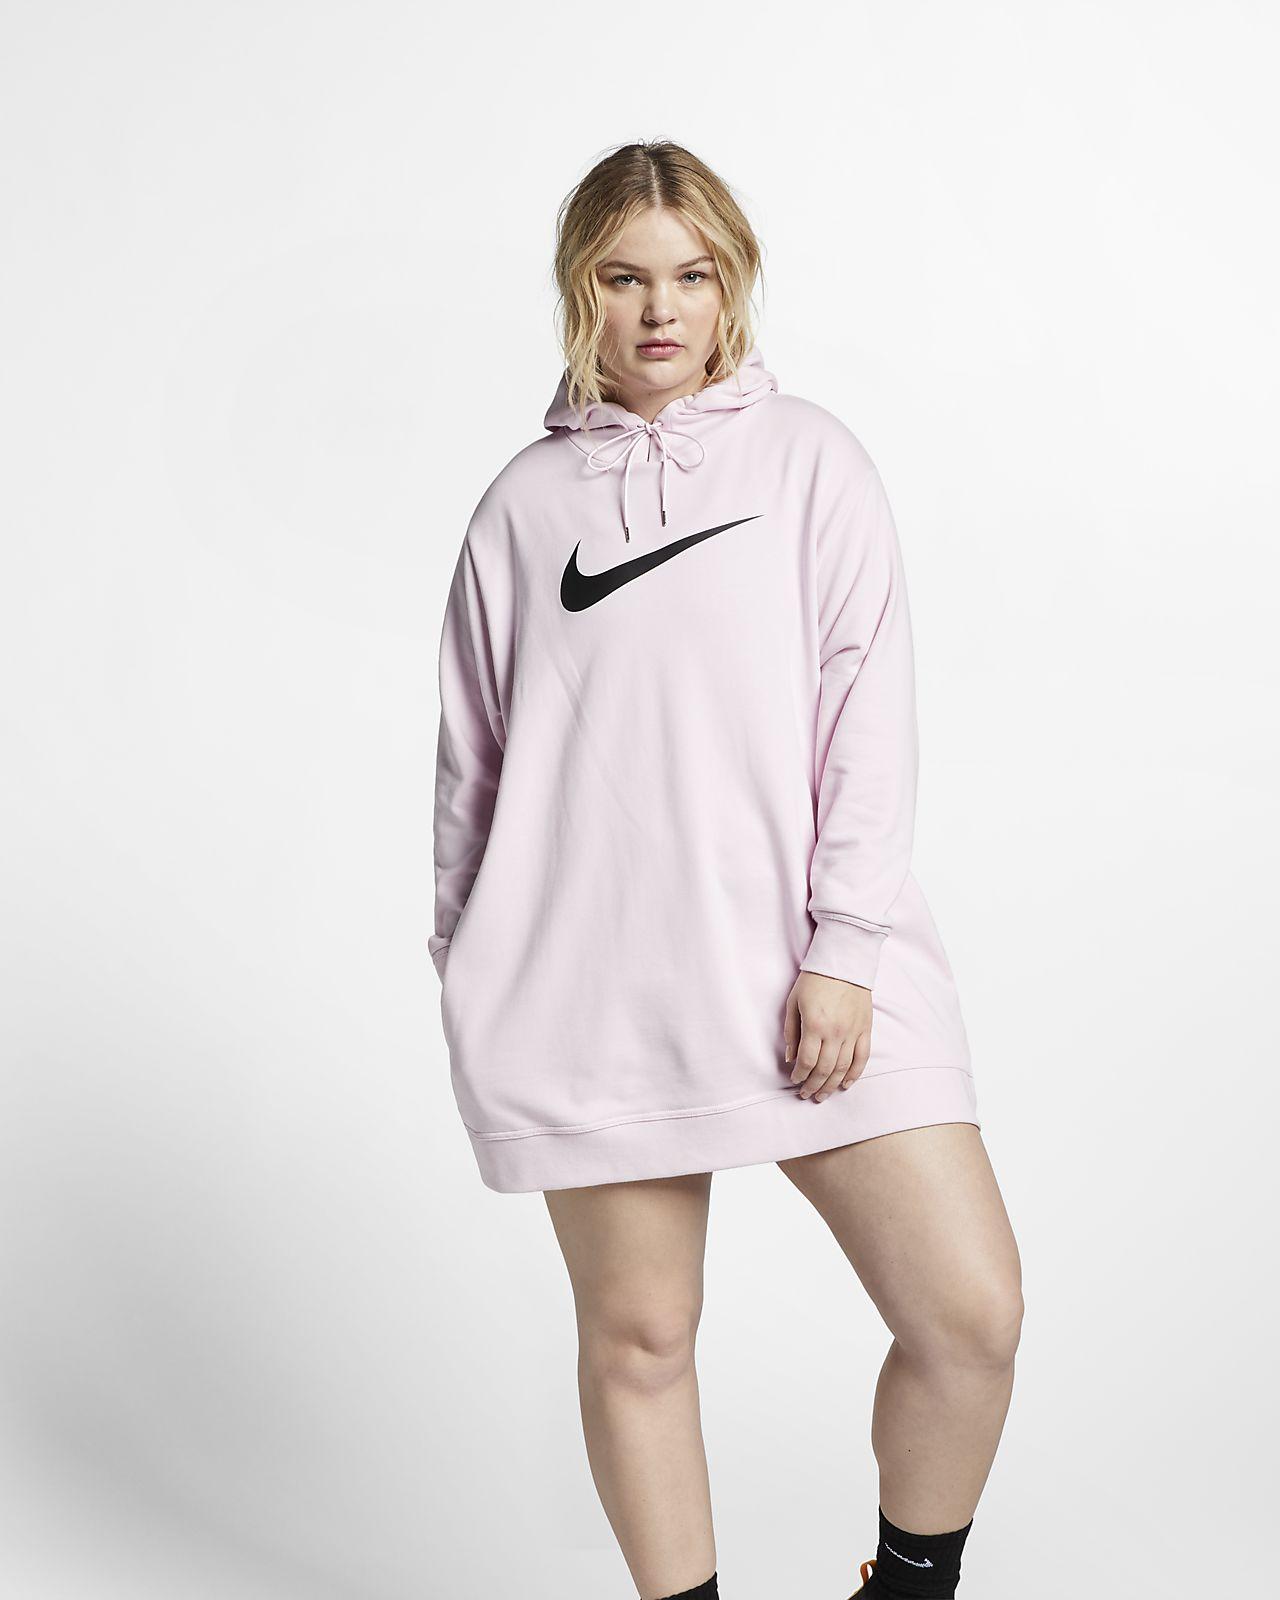 Γυναικείο French Terry φόρεμα Nike Sportswear Swoosh (μεγάλα μεγέθη)